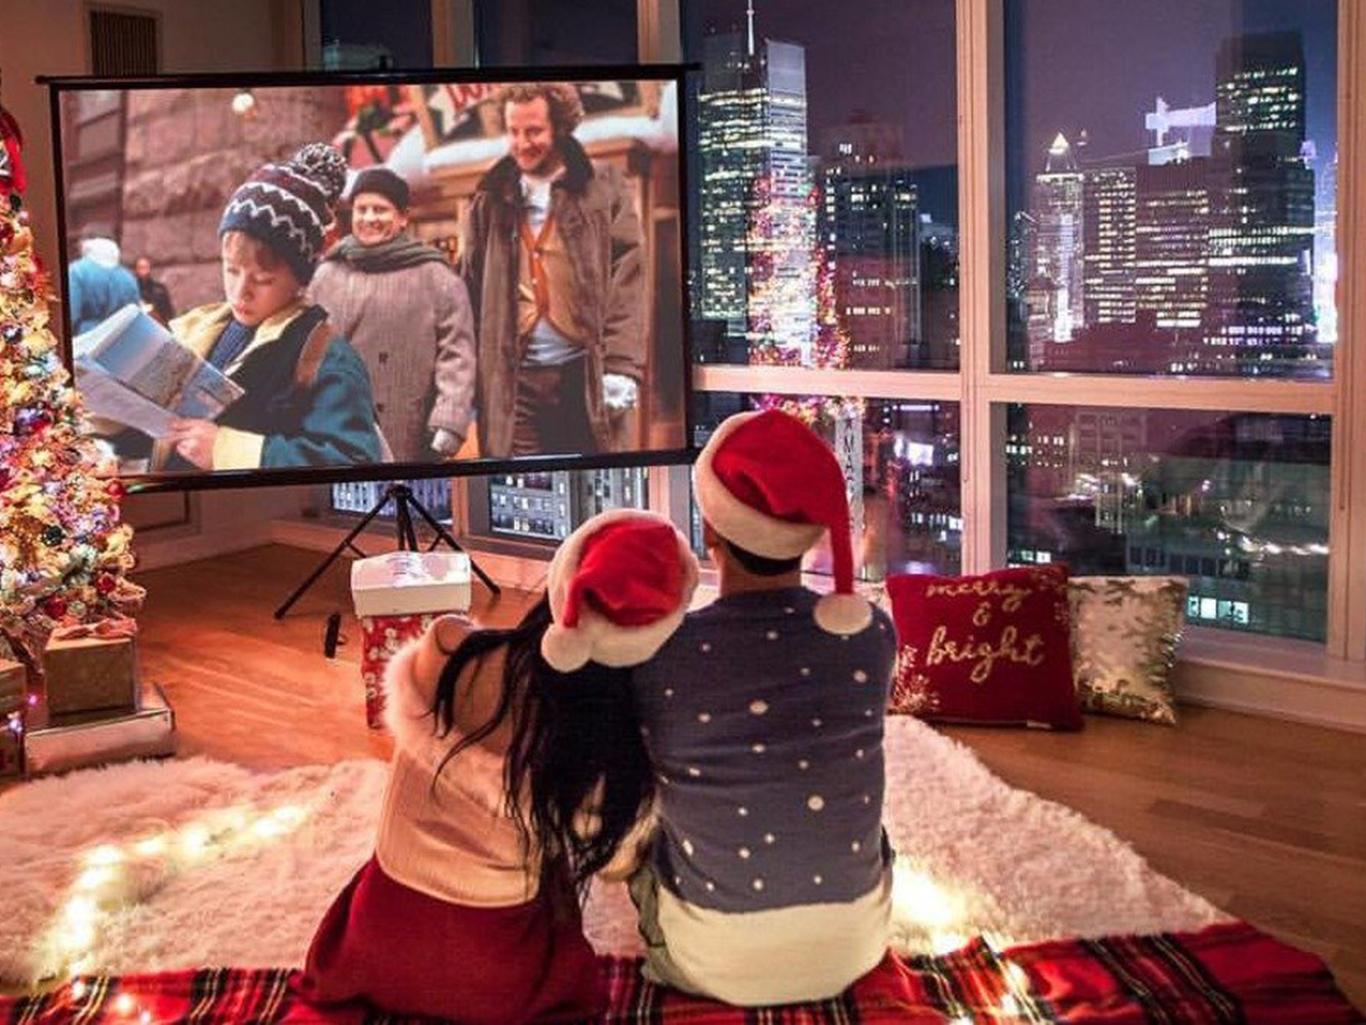 ТОП лучших сериалов для зимнего вечера: громкие премьеры и долгожданные продолжения